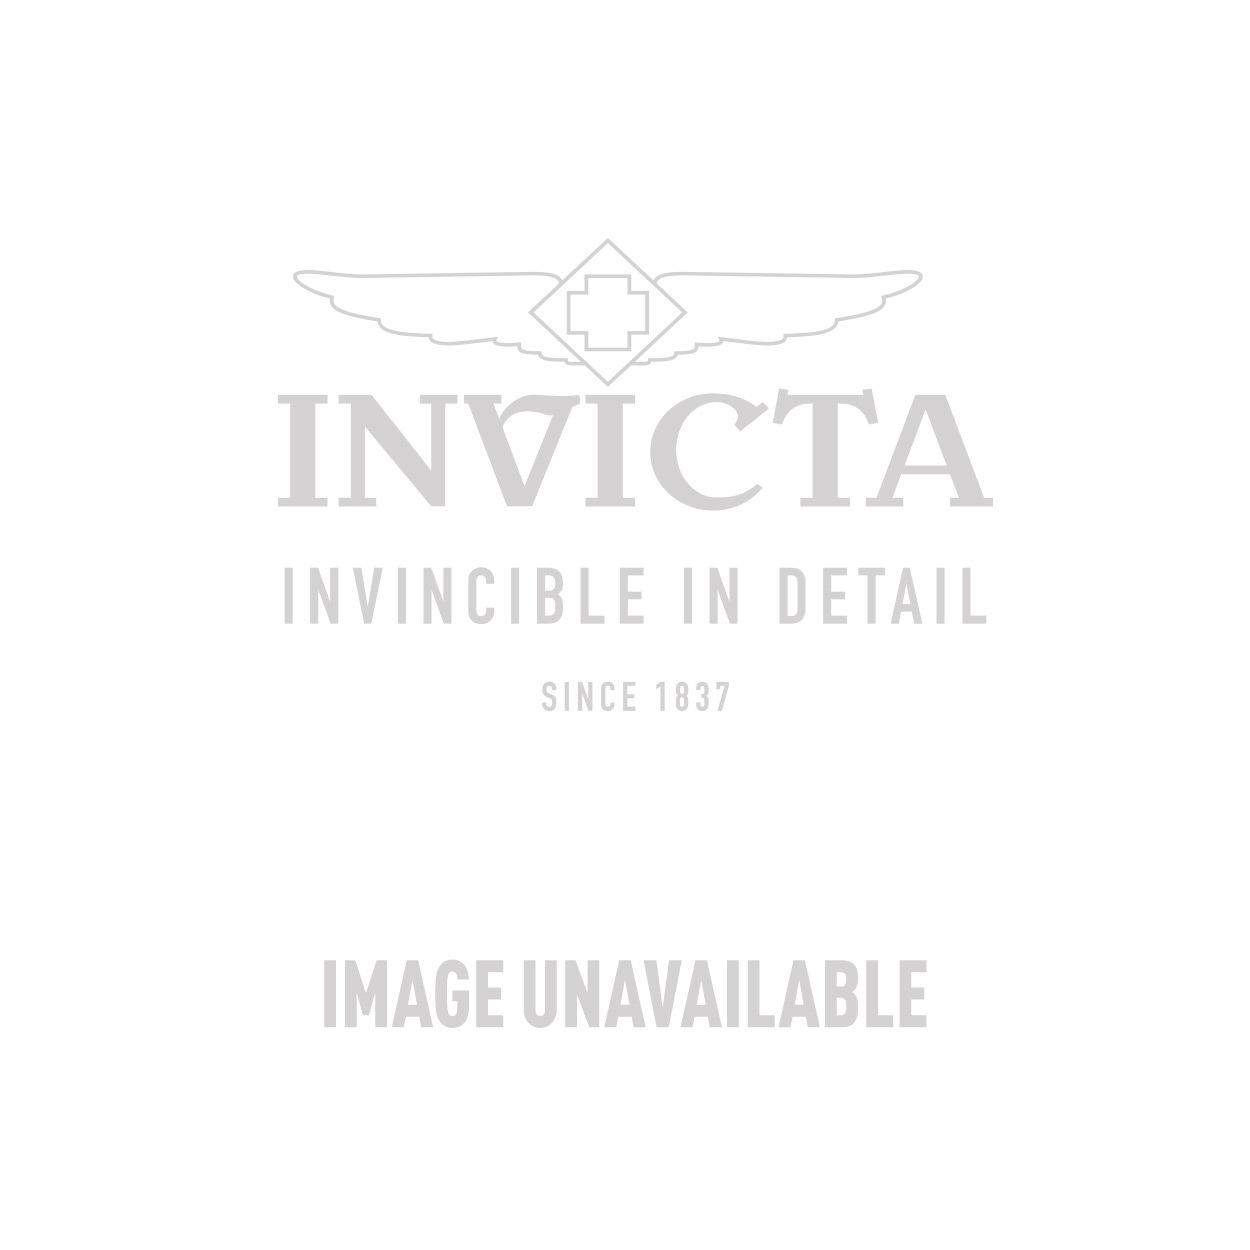 Invicta Model 25449